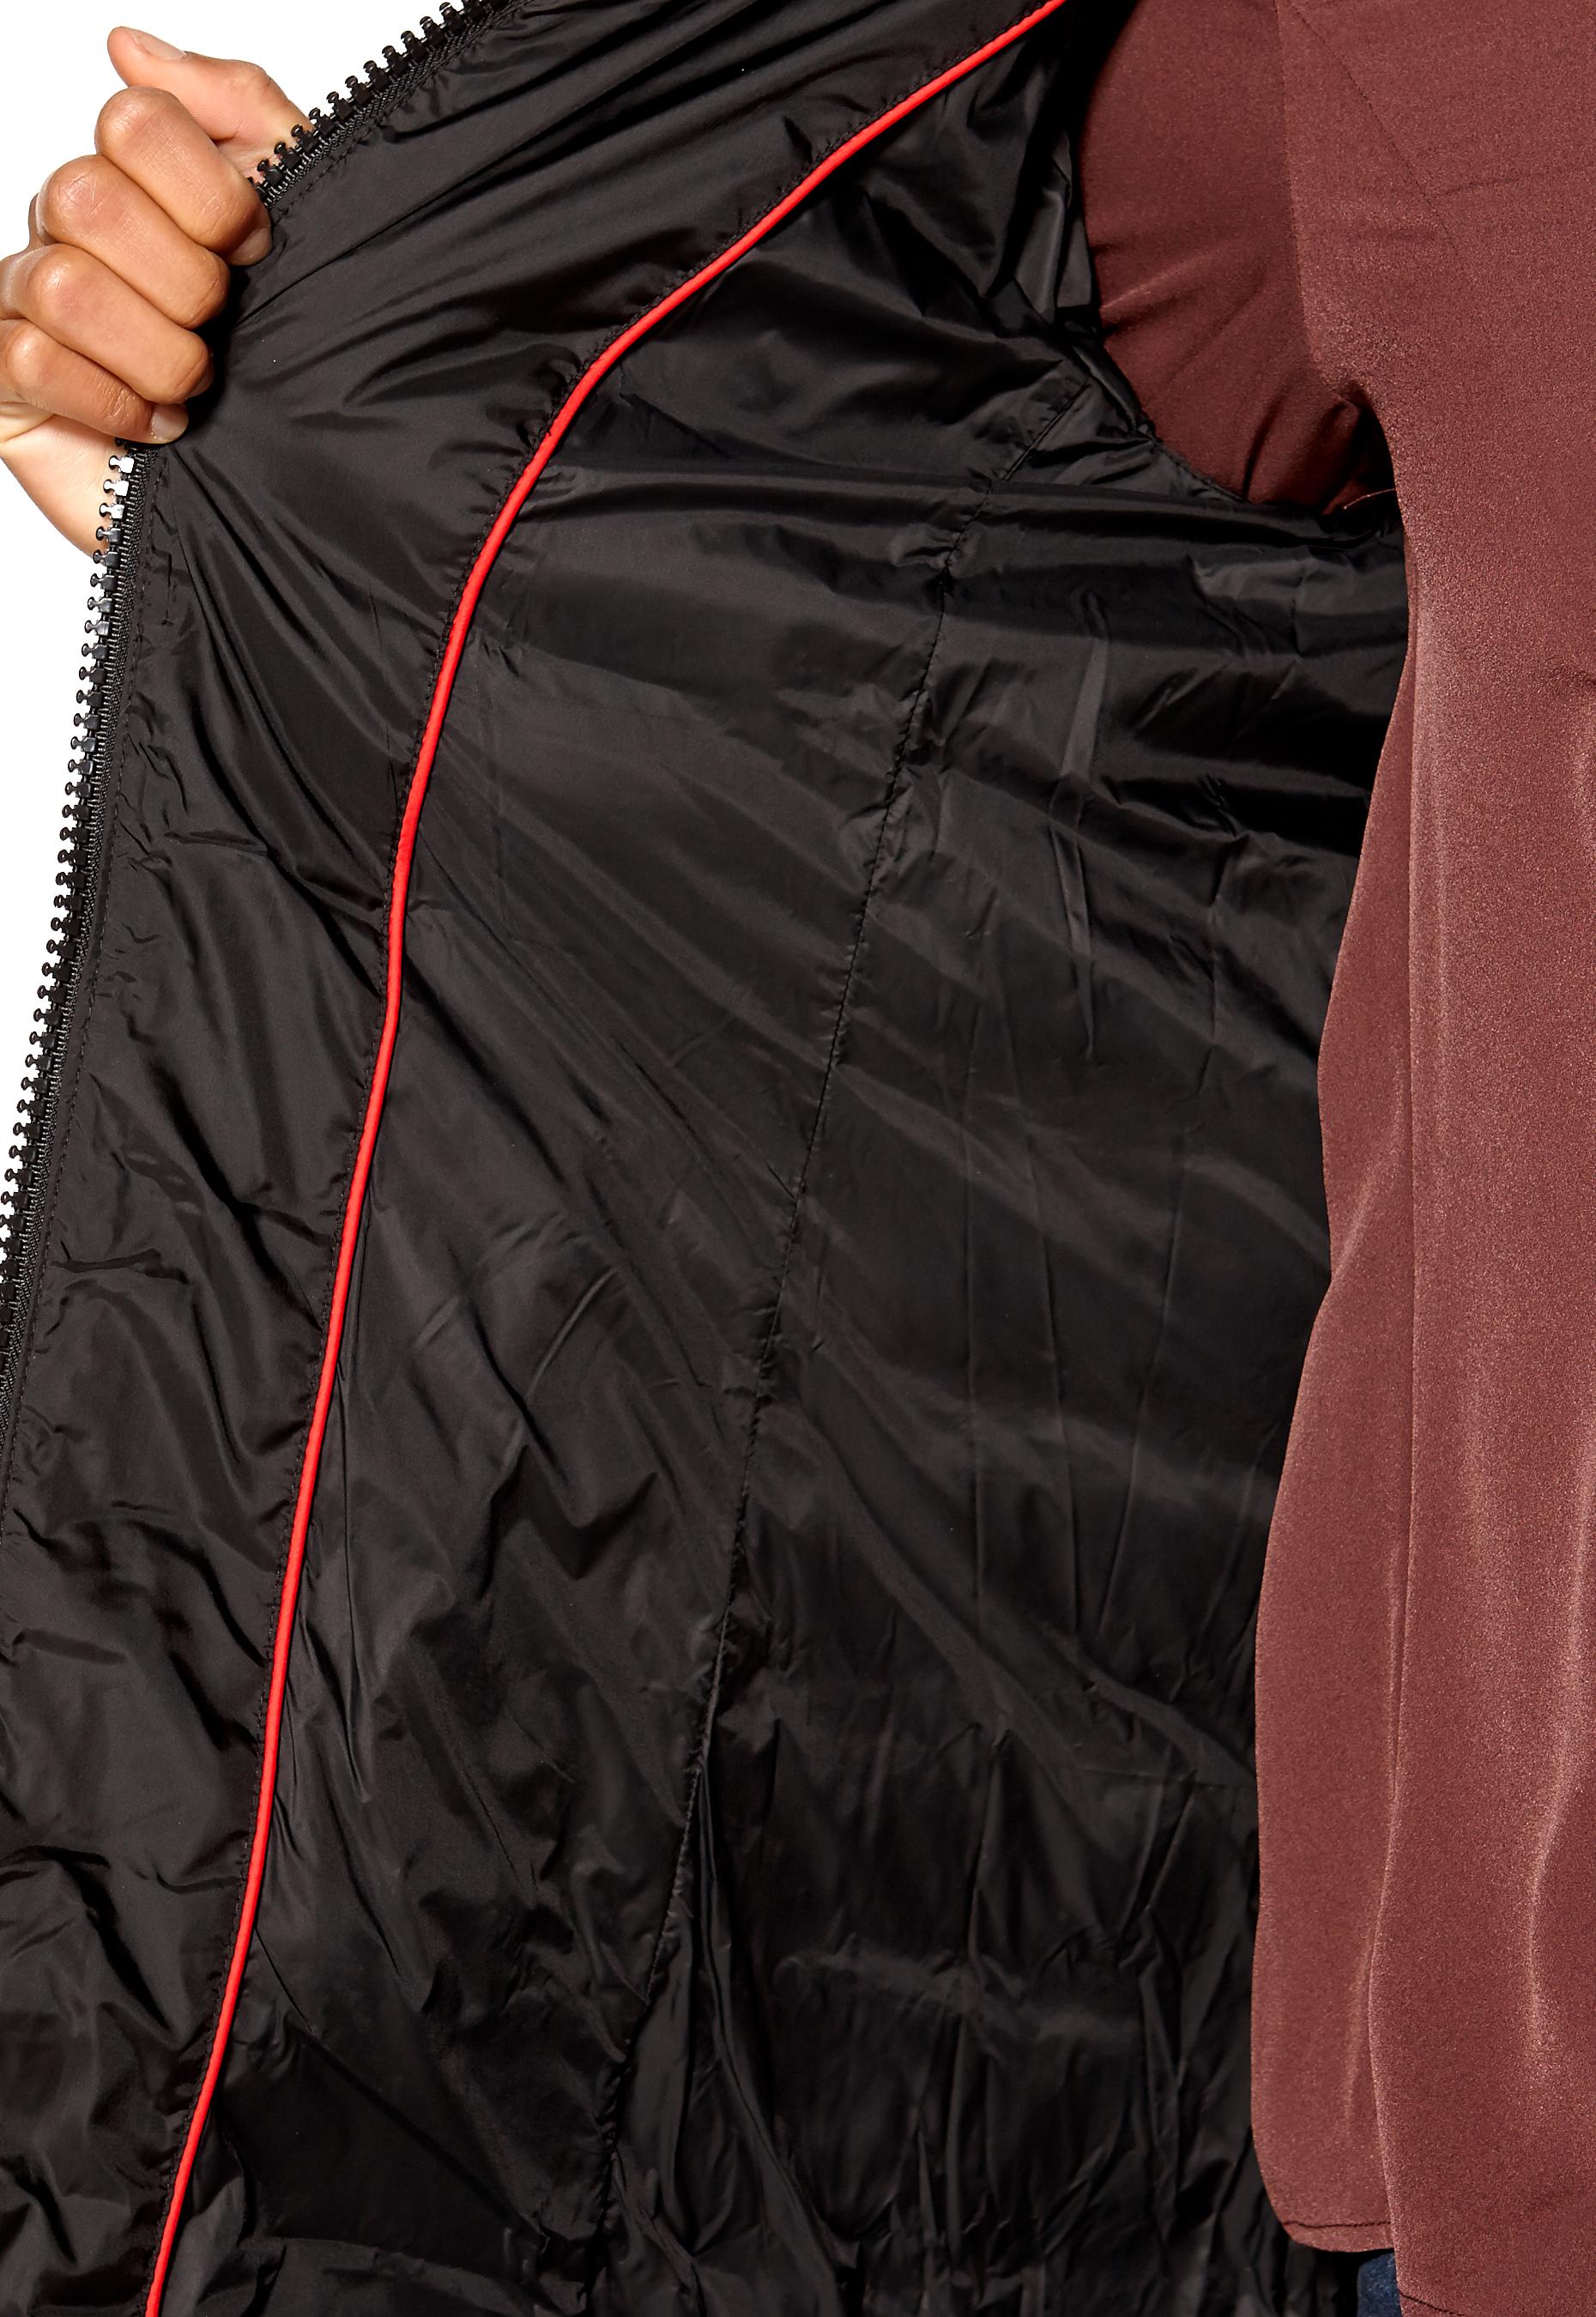 1b0167f6 TOMMY HILFIGER Tyra Down Coat Masters Black - Bubbleroom